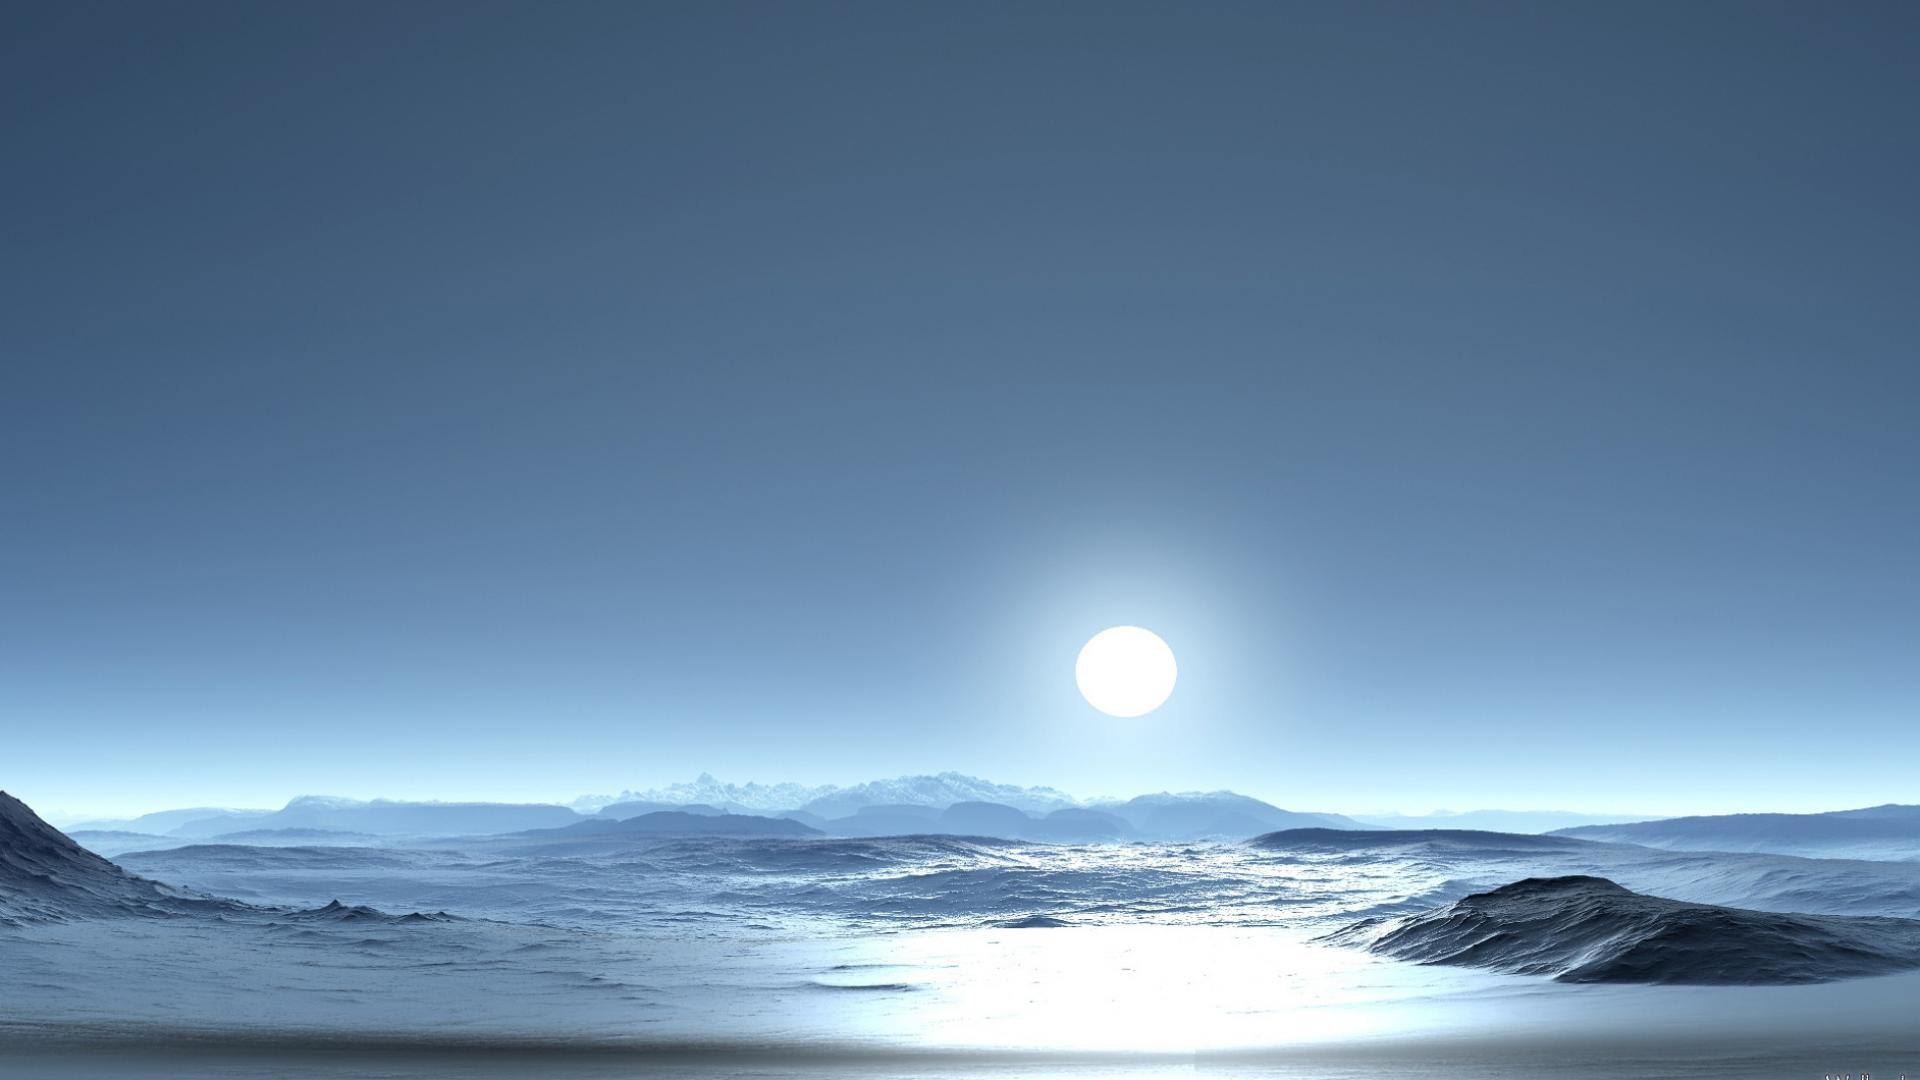 Скачать обои одинокая луна 1920x1080